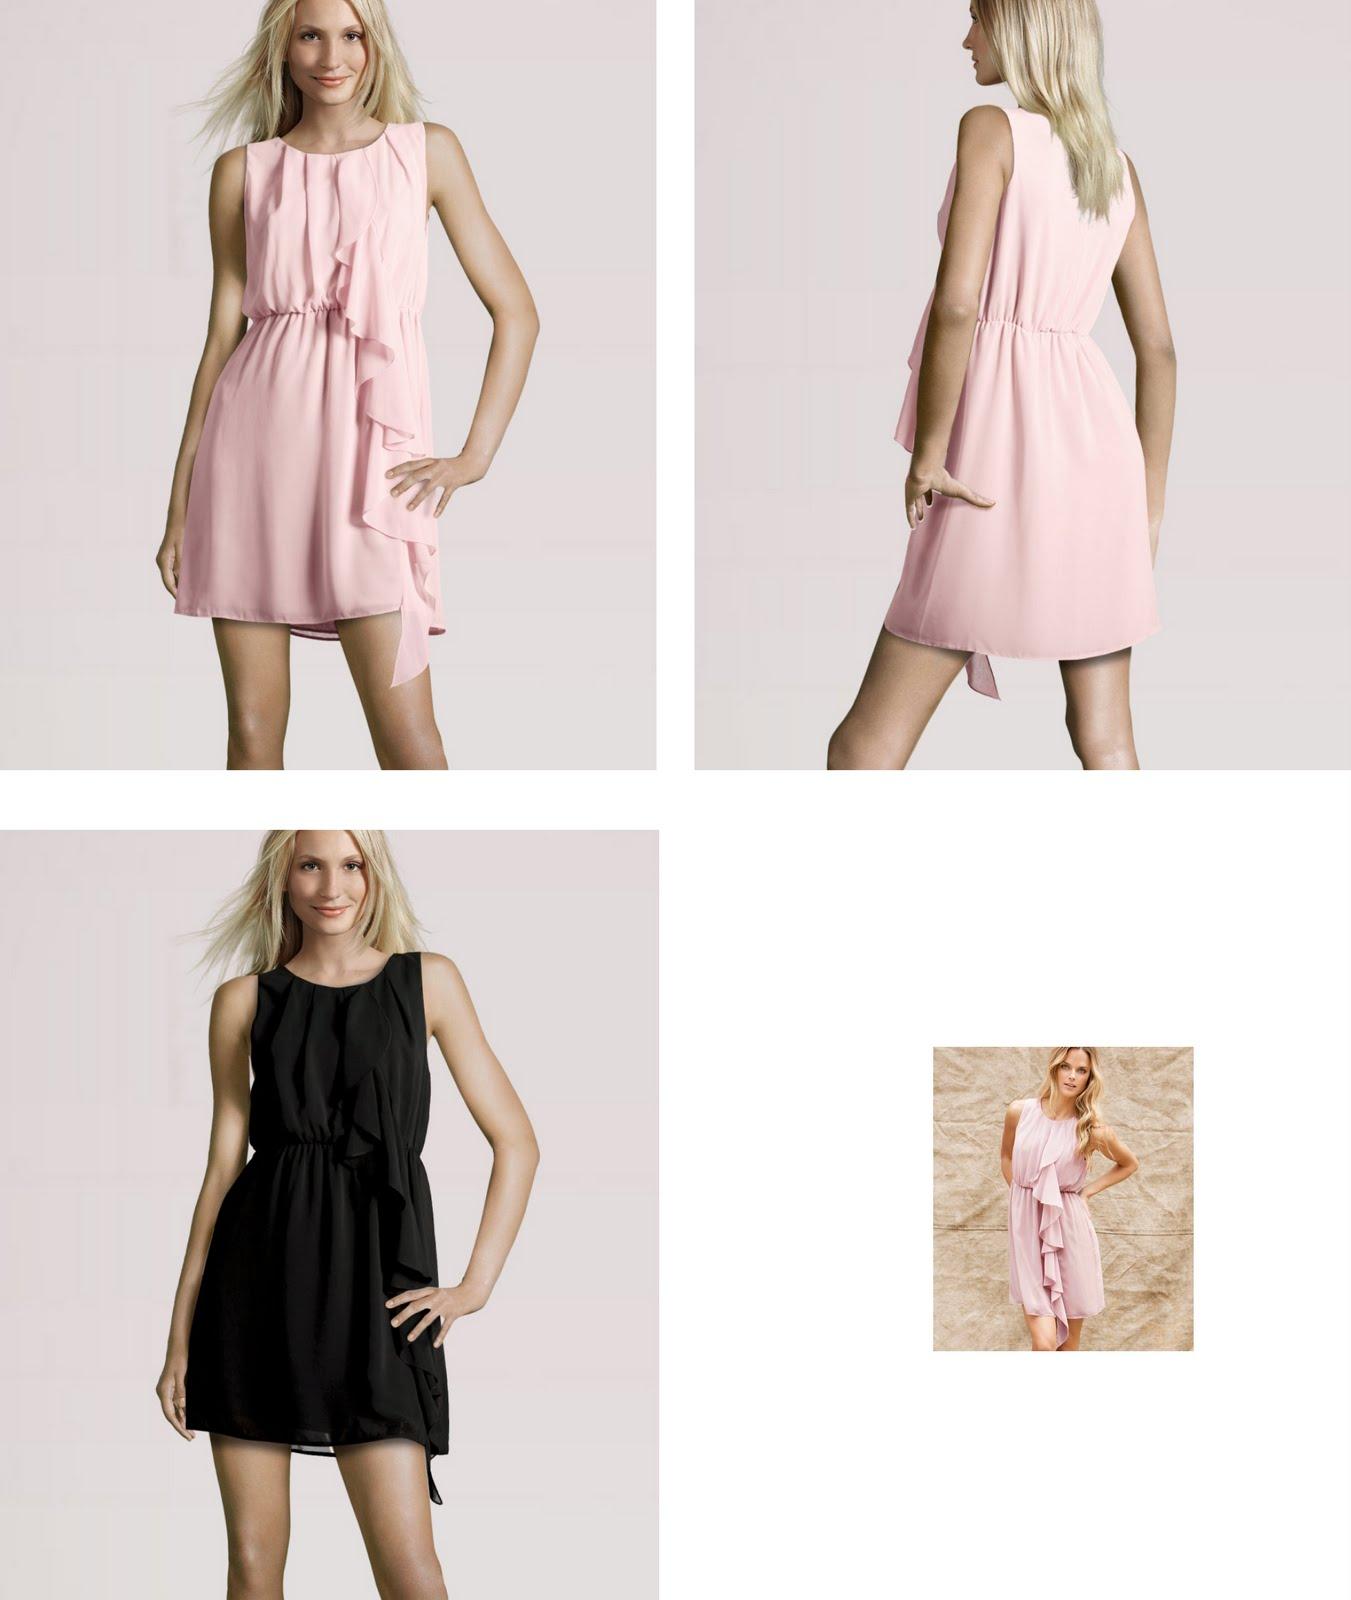 HM Chiffon Dress